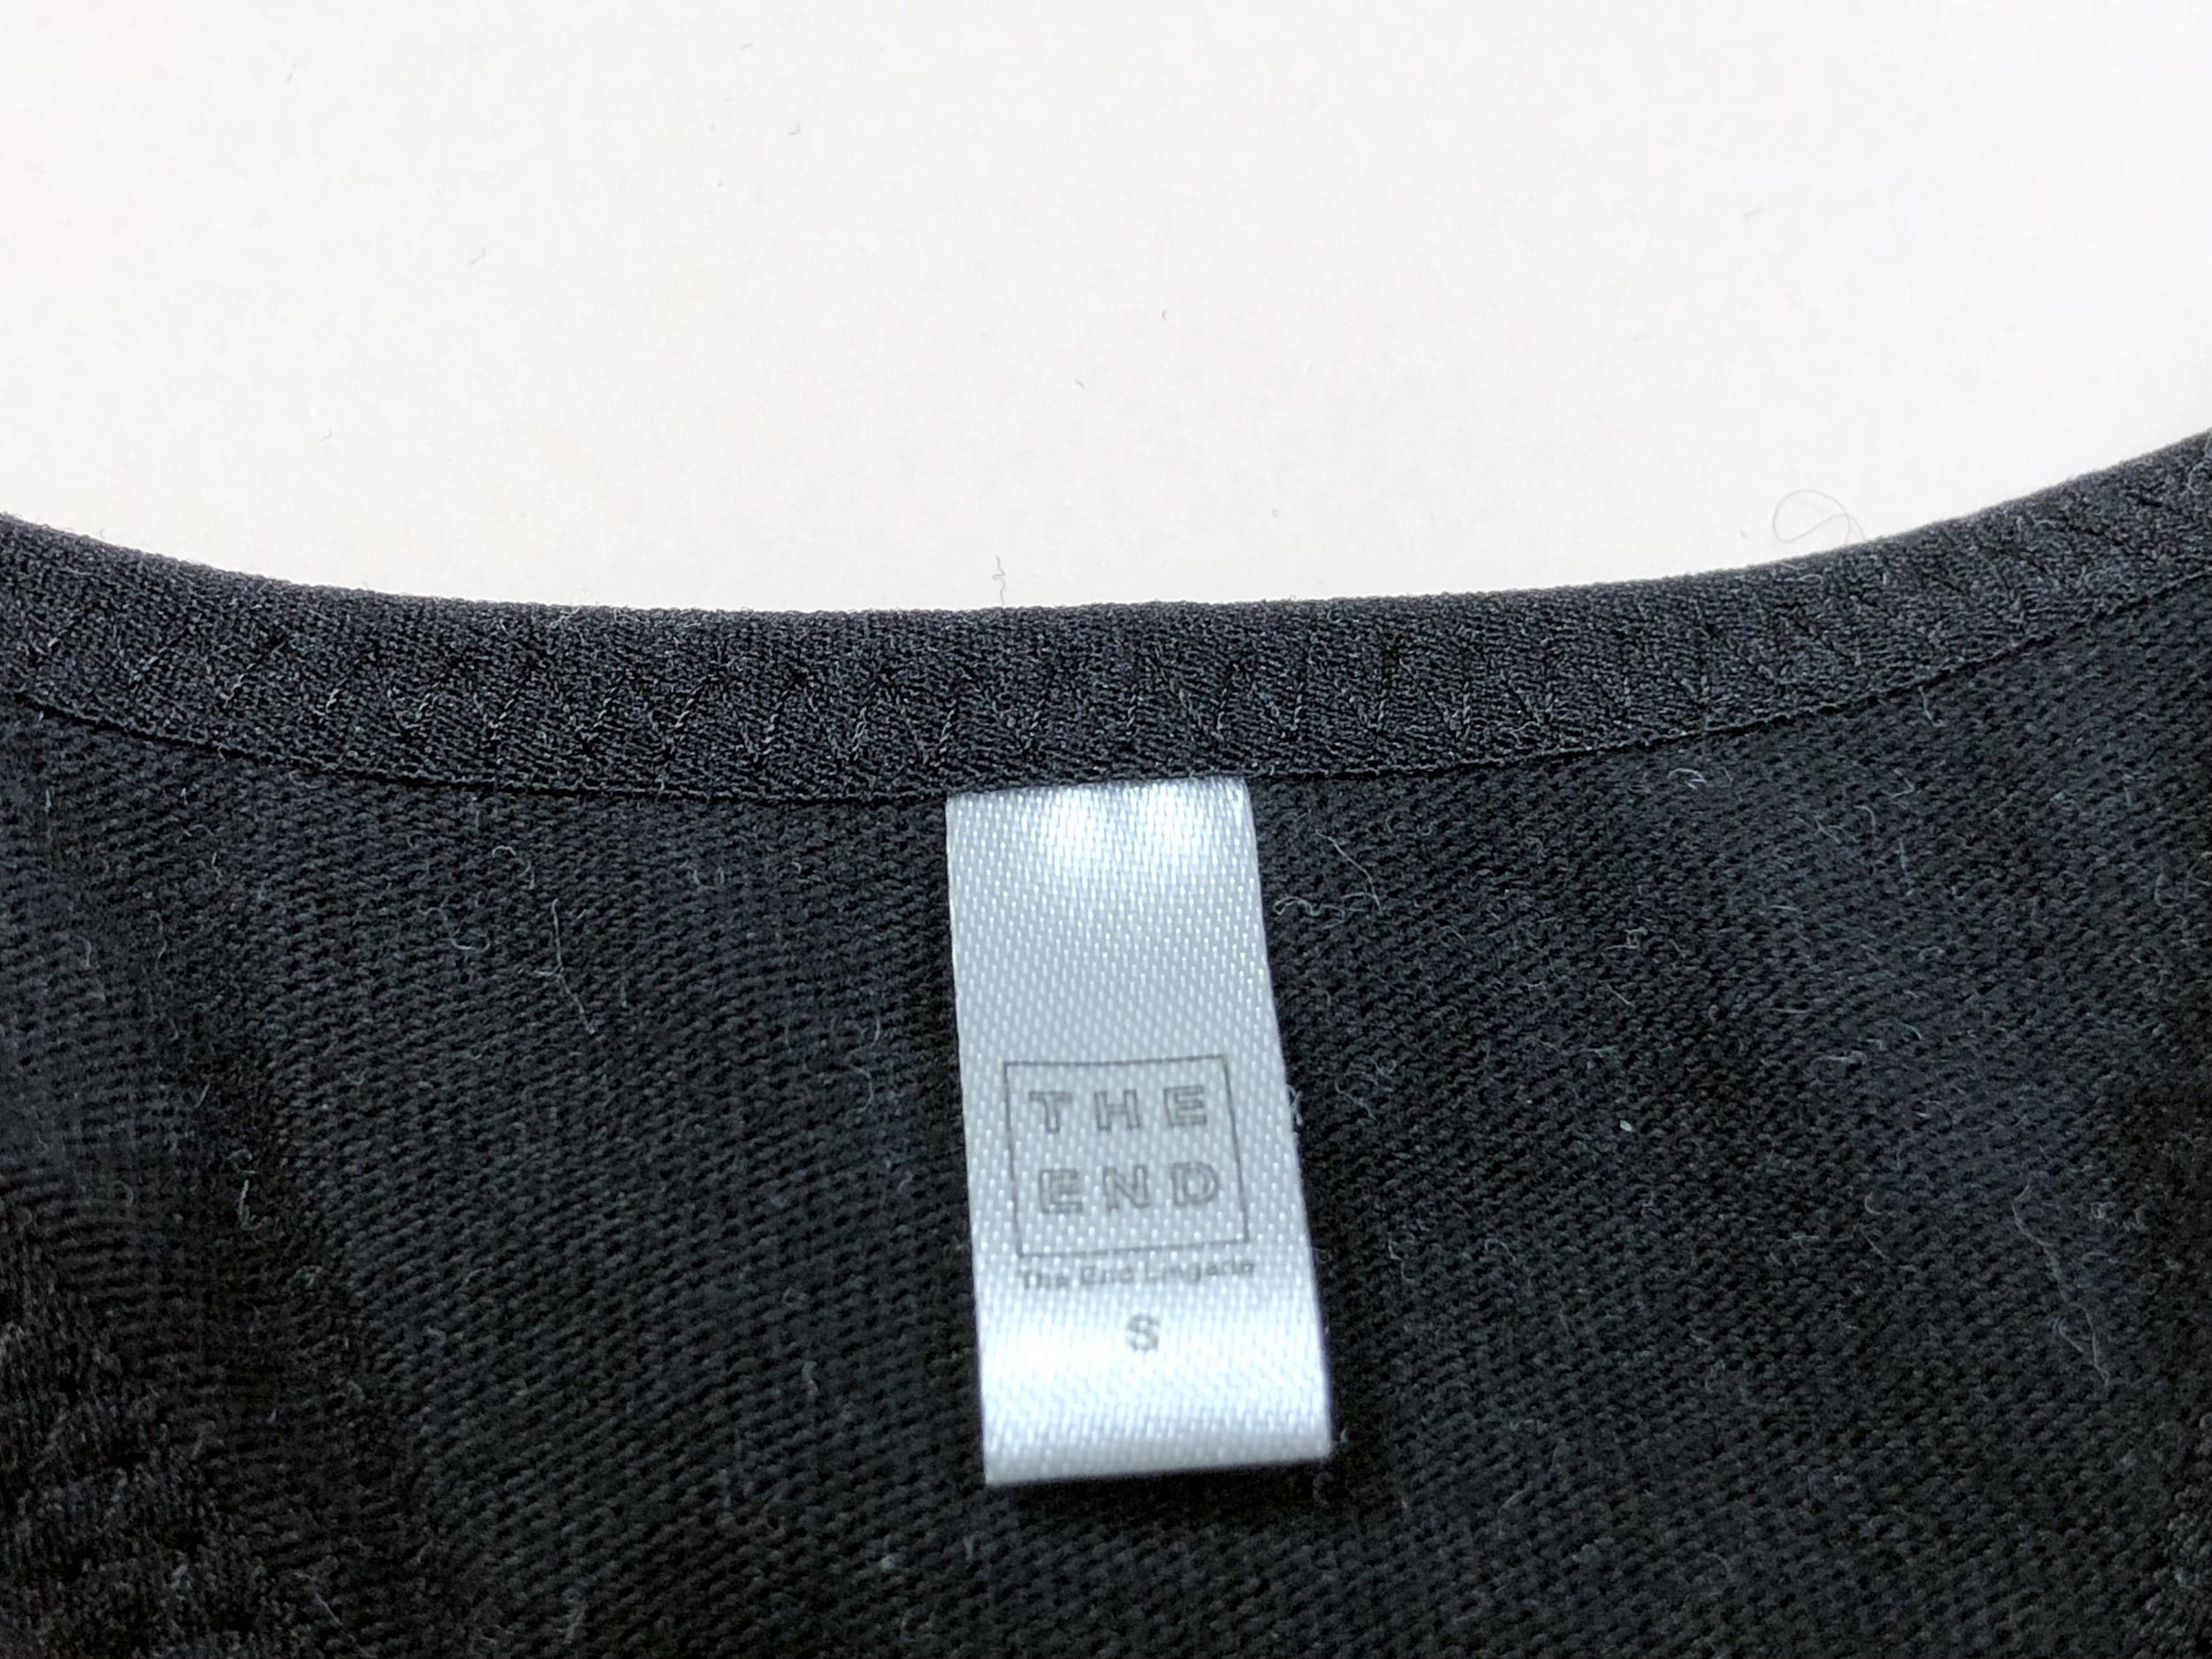 Обзор нижнего белья с пирсингом The End Lingerie в журнале garterblog.ru